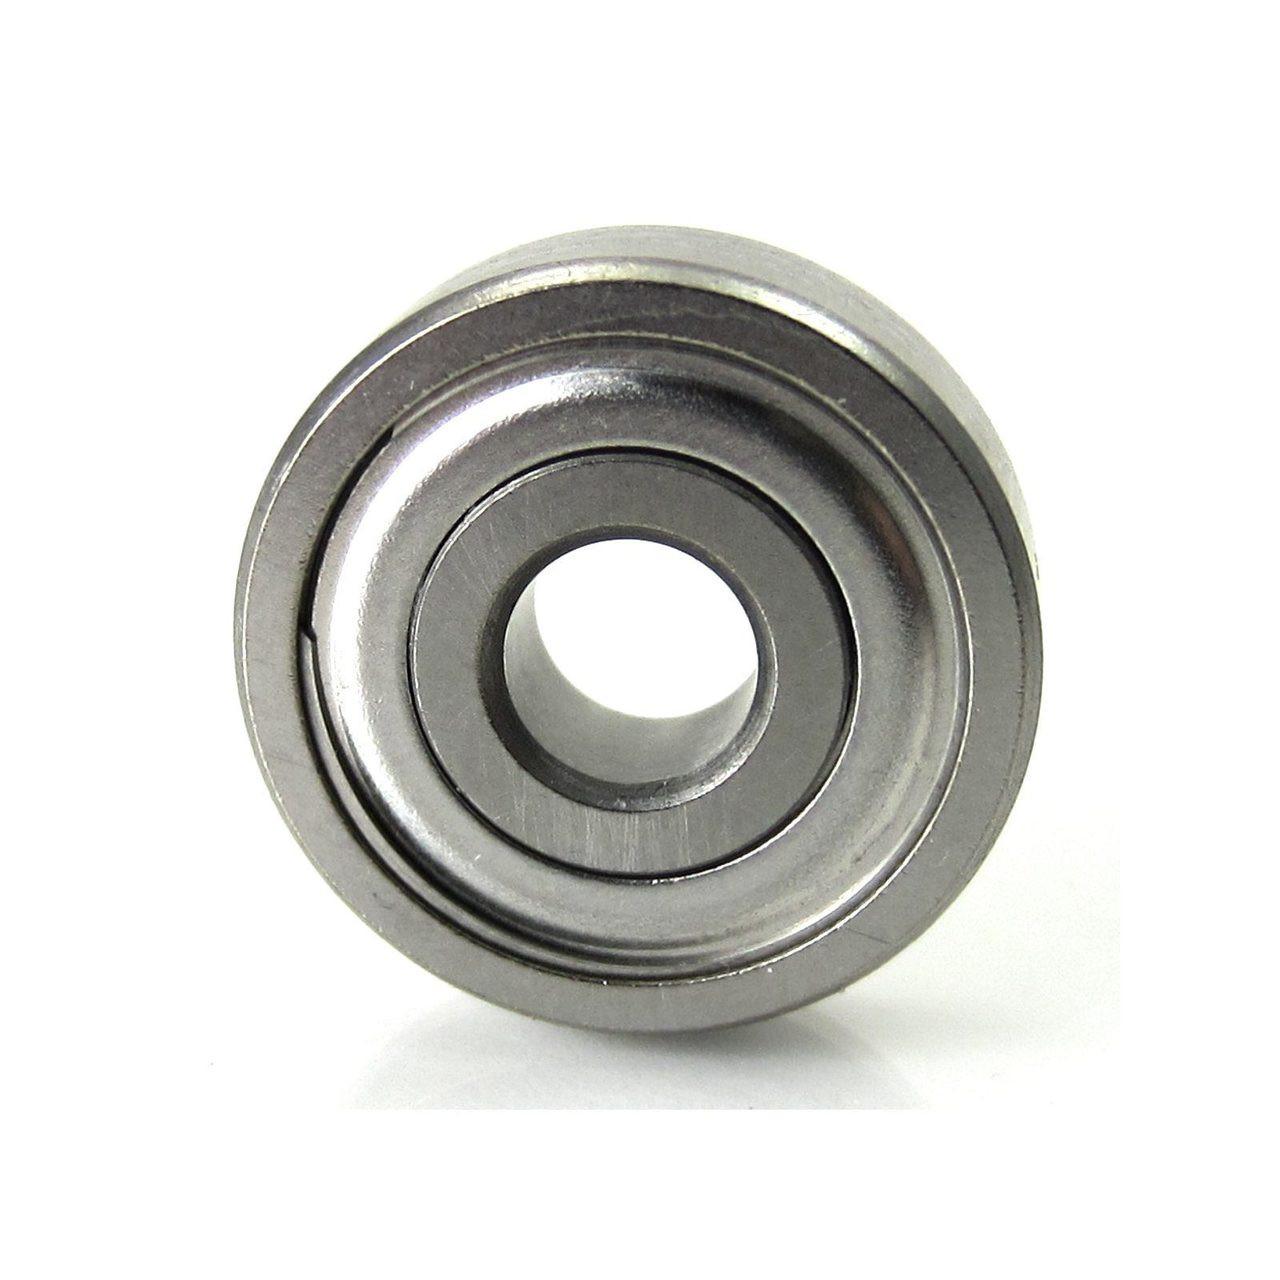 5x16x5mm Stainless Hybrid Ceramic Brushless Motor Ball Bearing